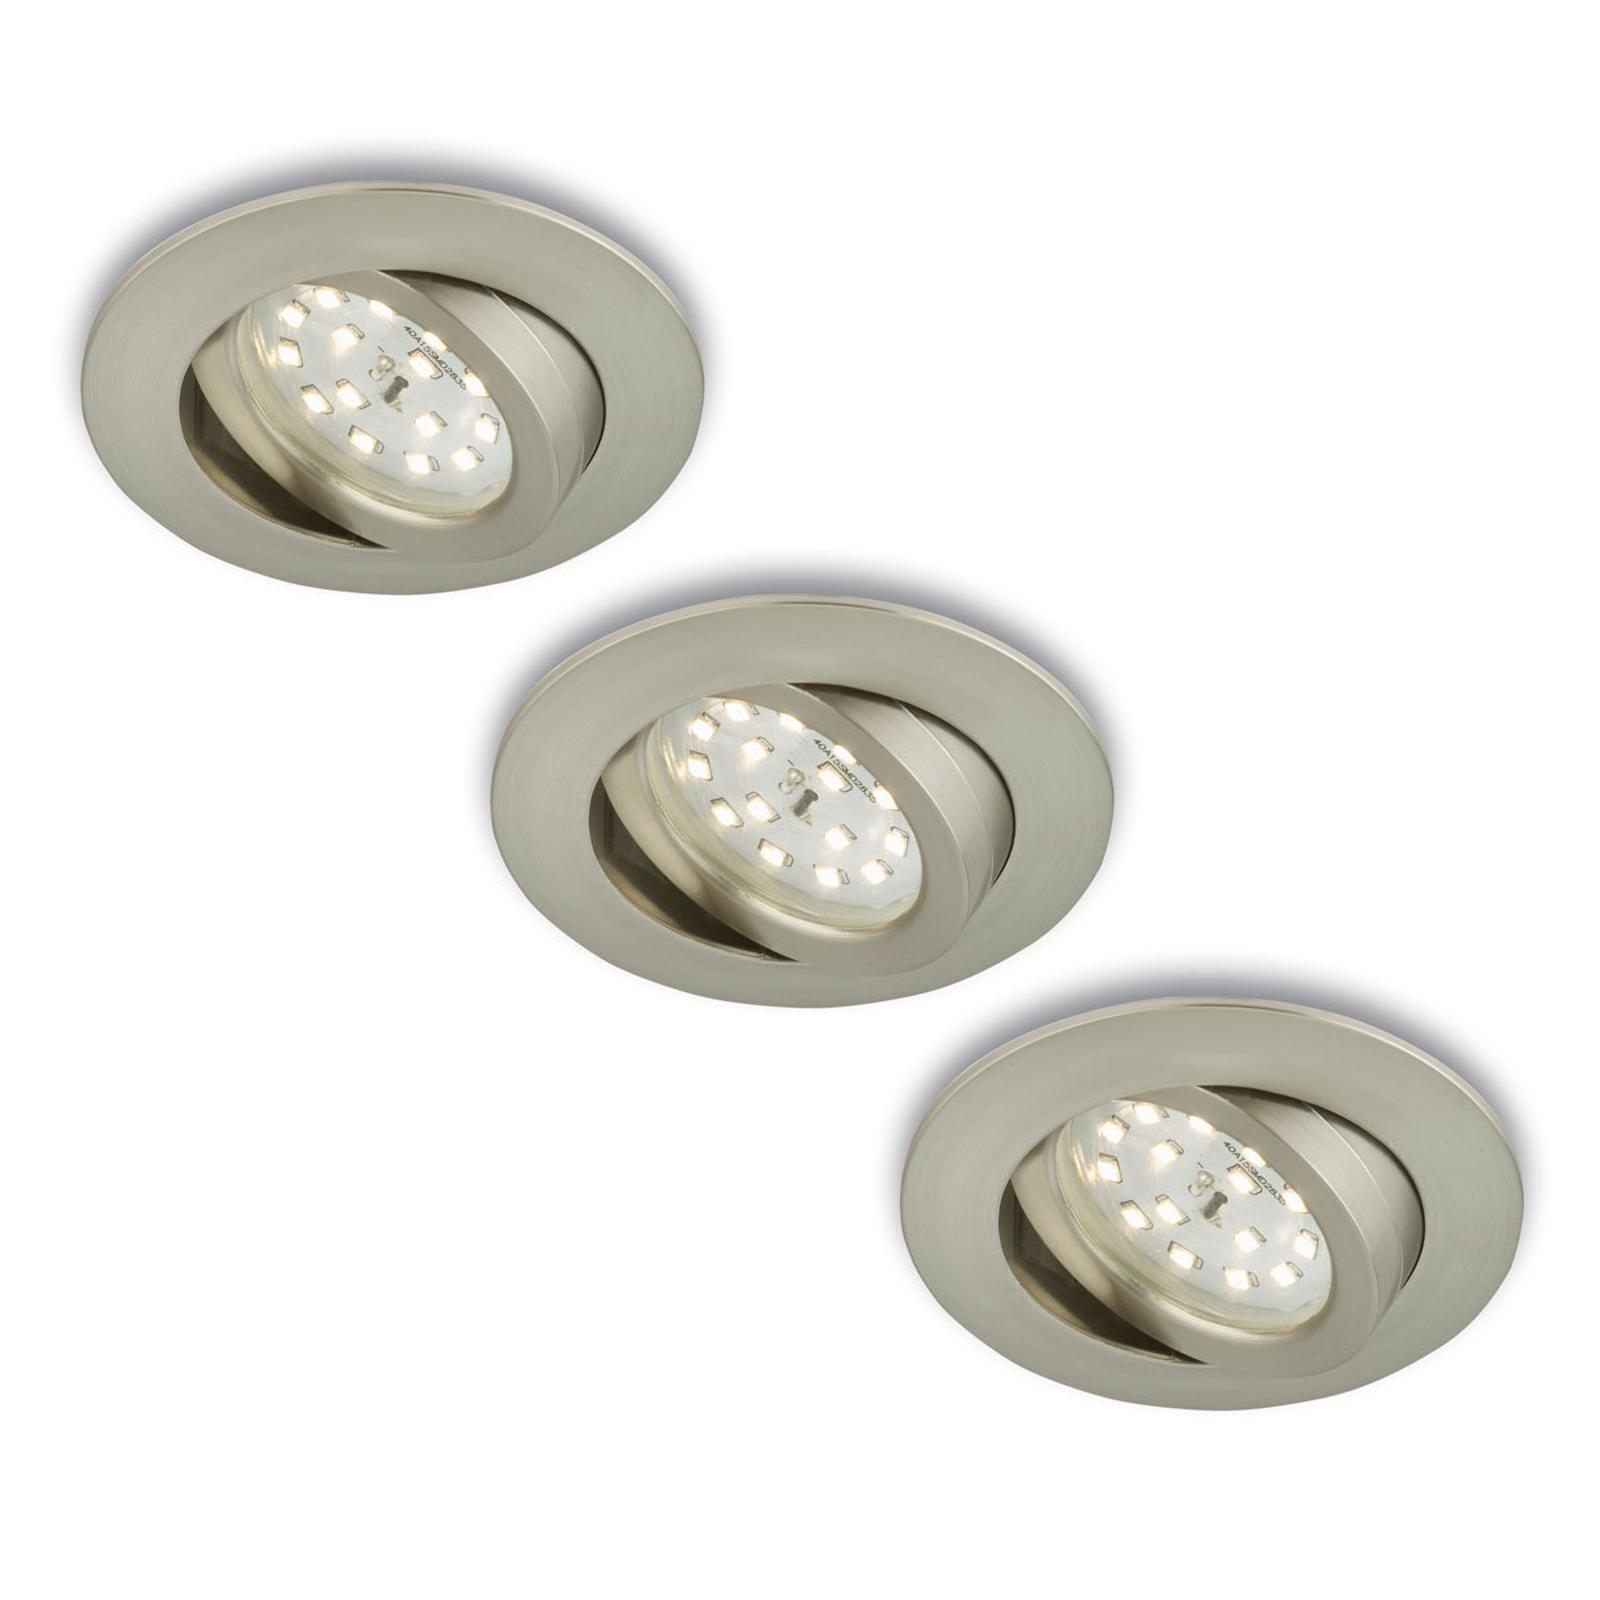 Dreibar LED-downlight 3-er-sett matt-nikkel